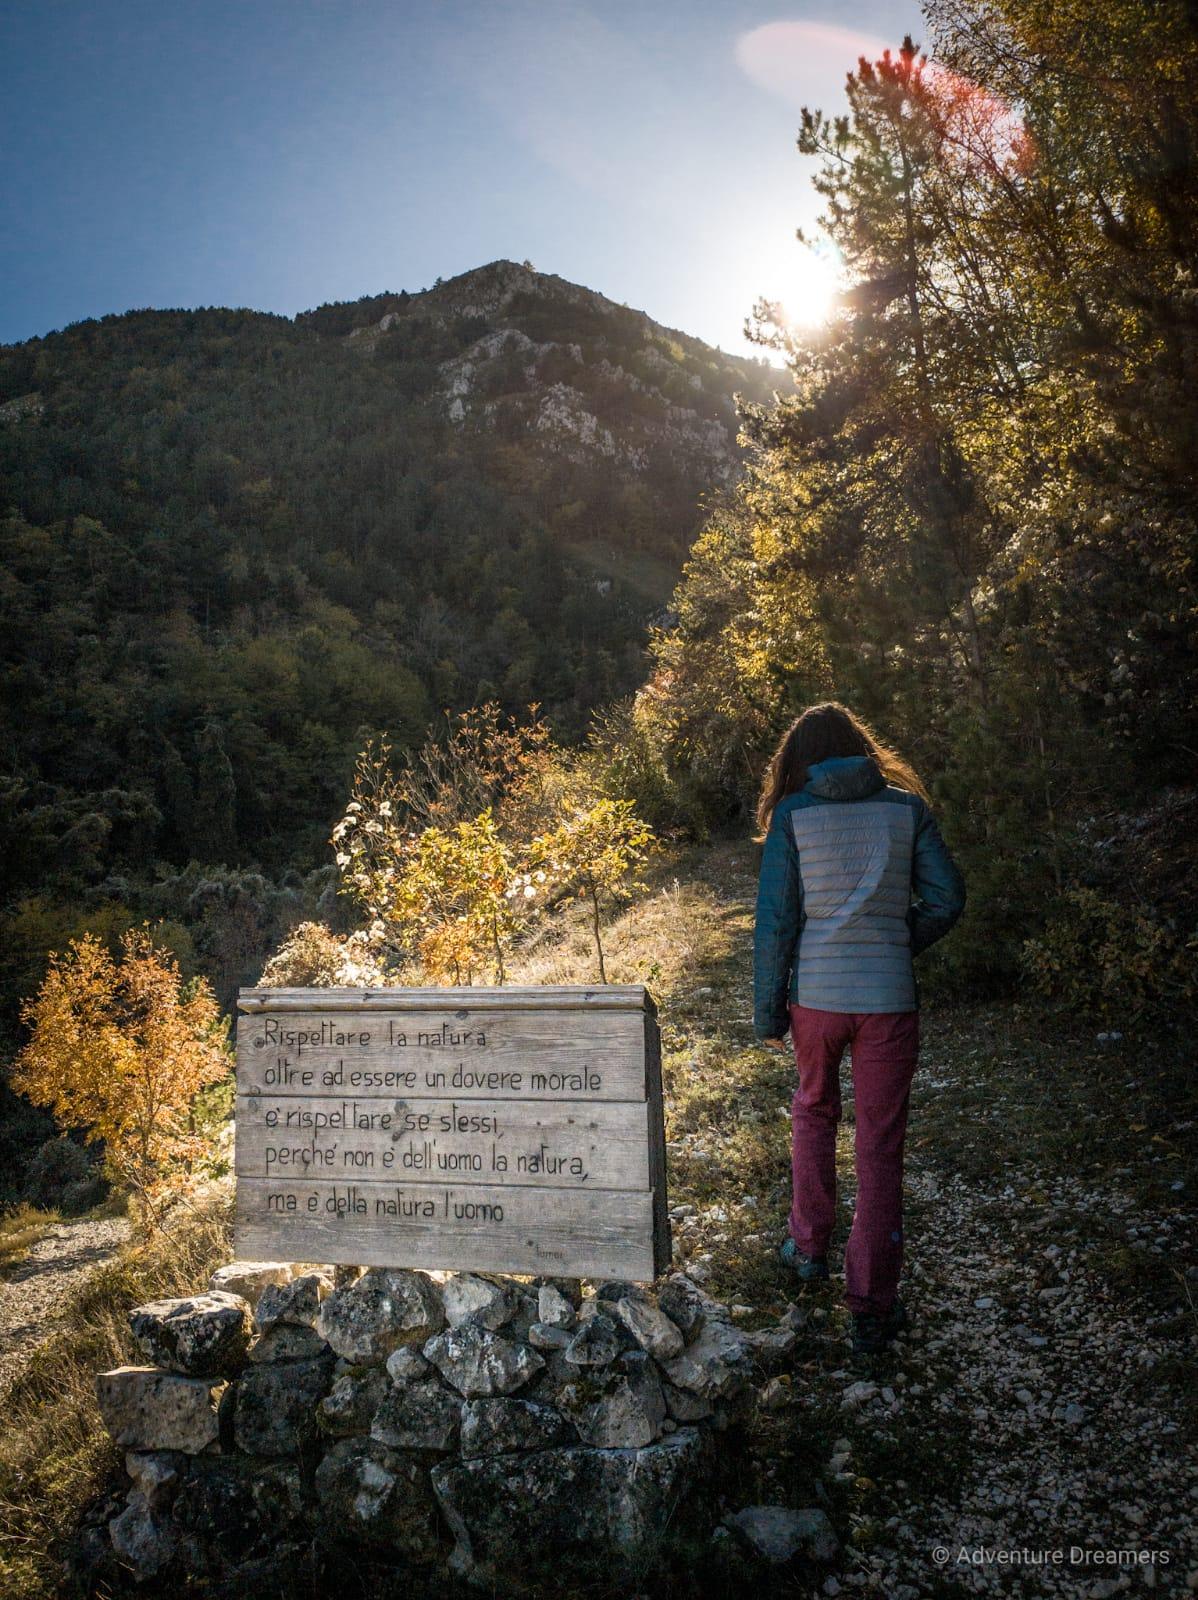 Rispettare la natura in cammino